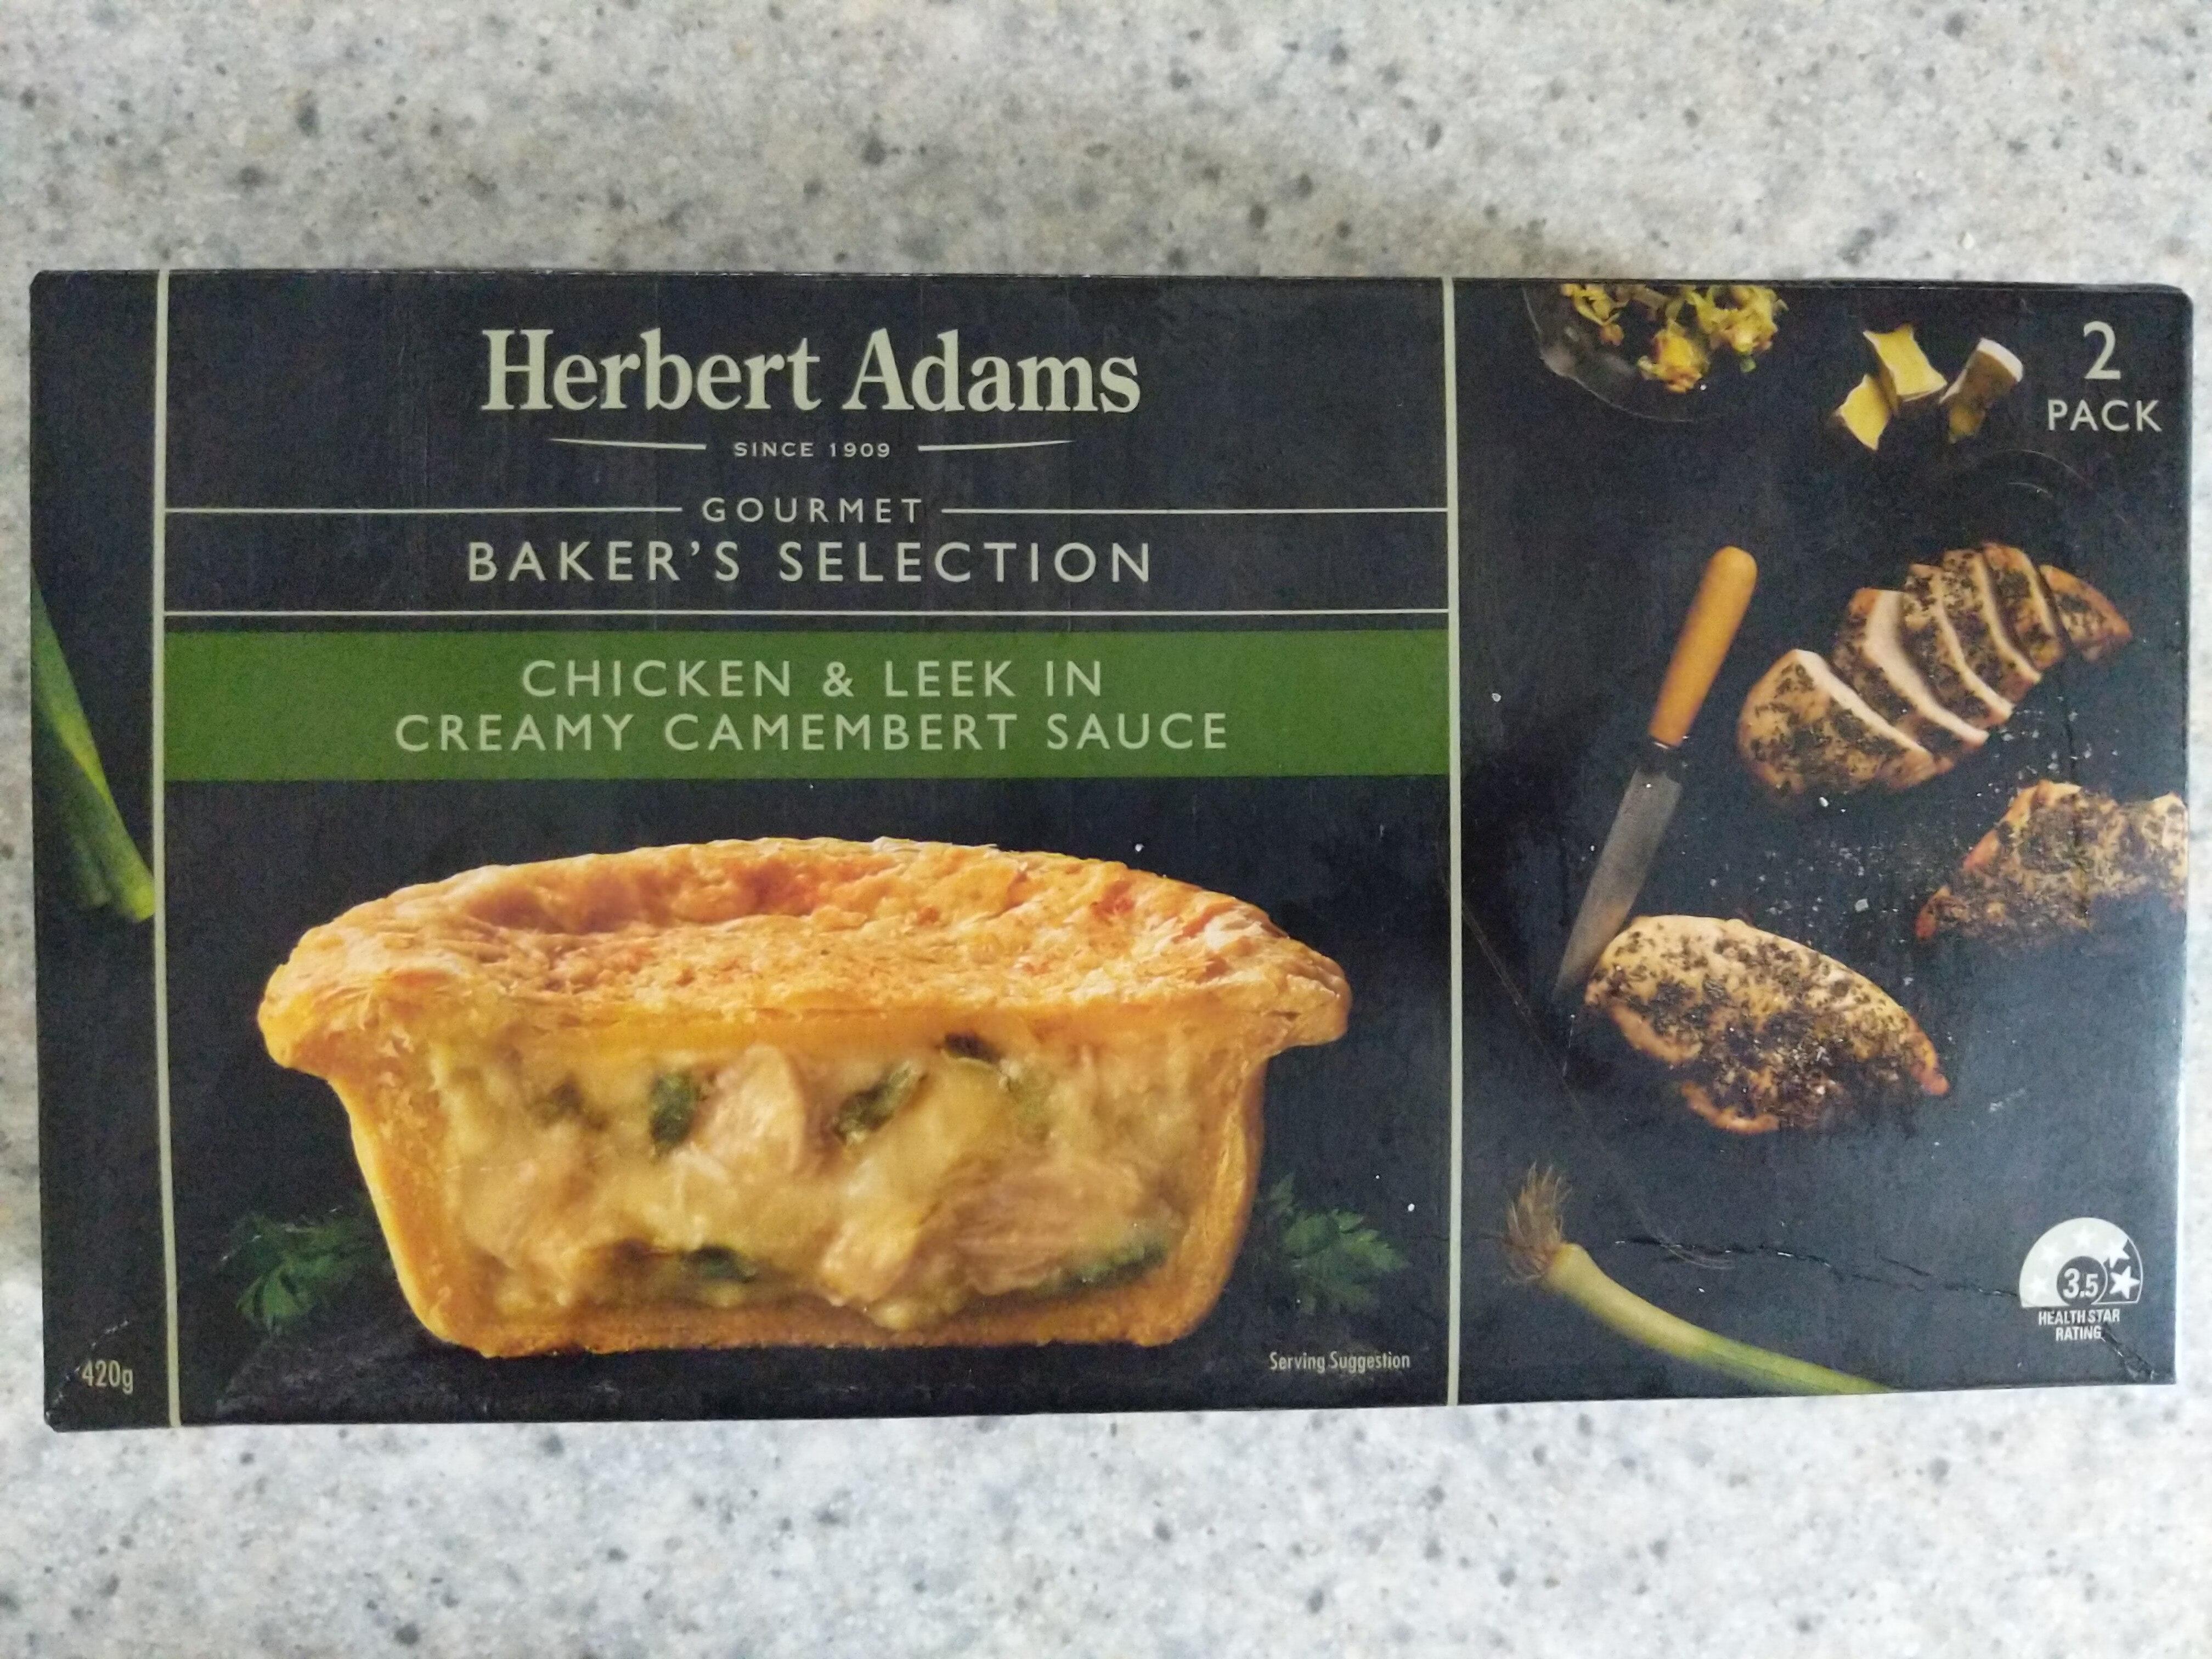 Chicken & Leek In Creamy Camembert Sauce Pie - Produit - en